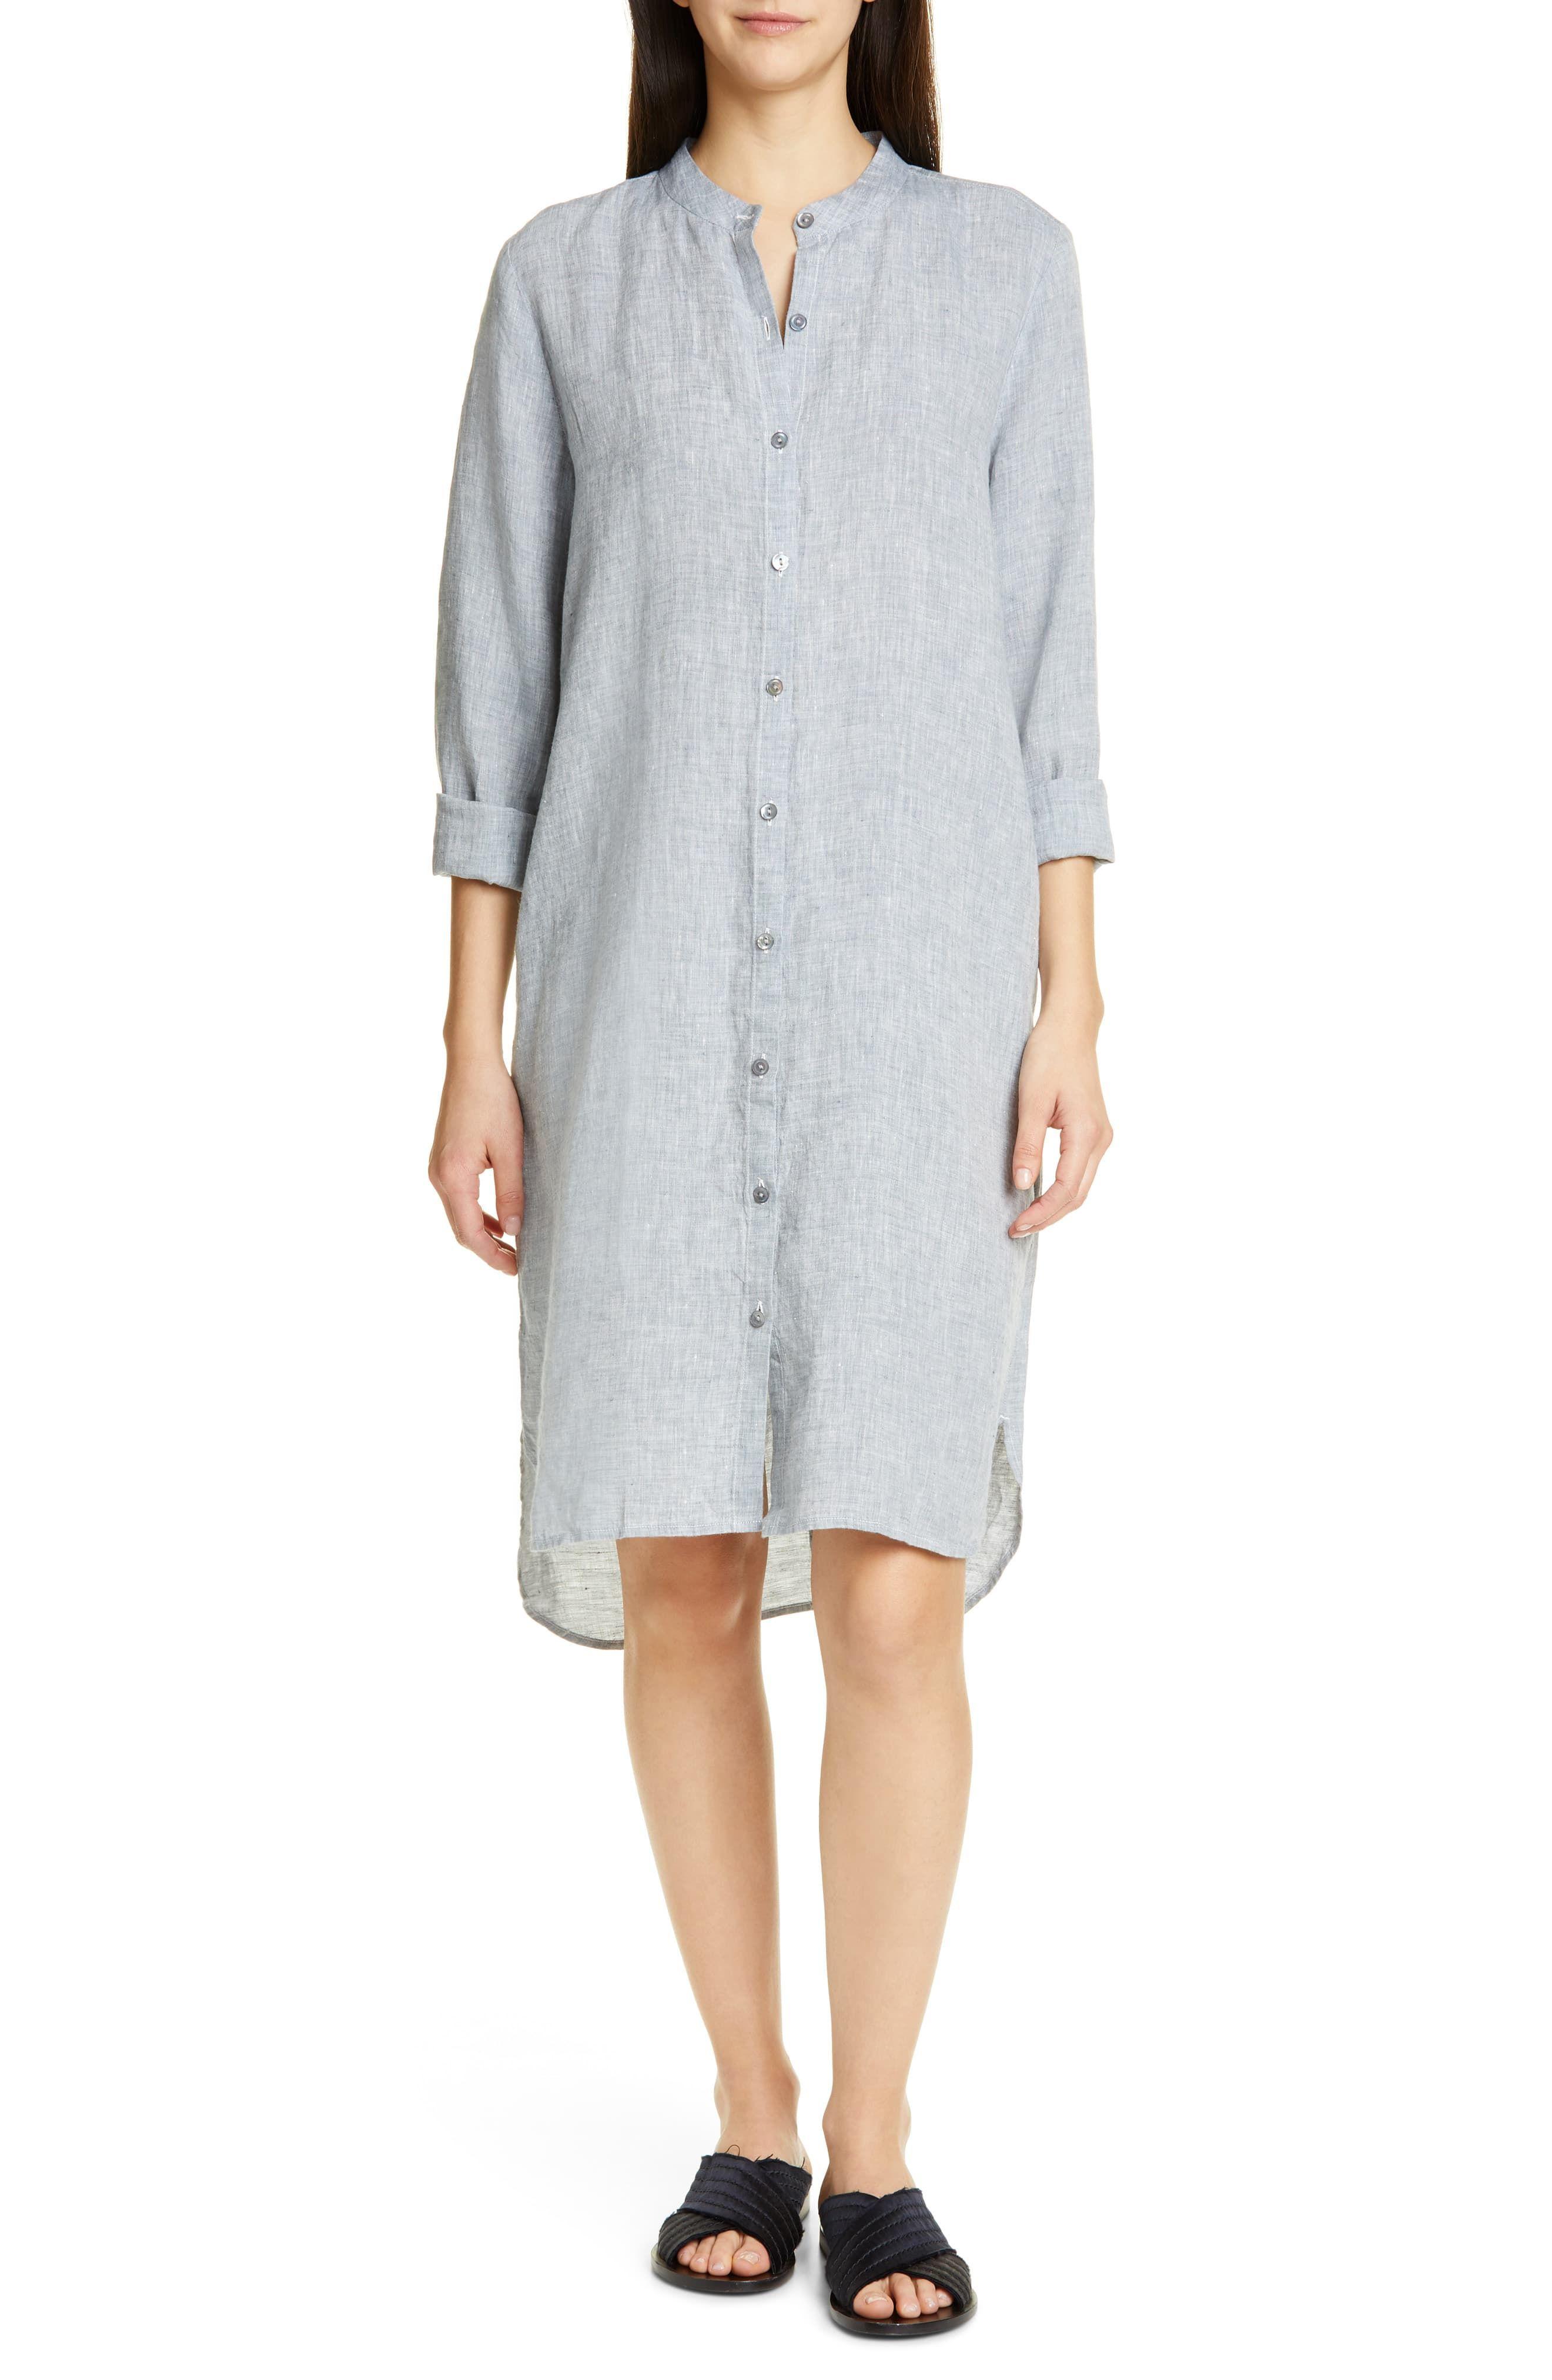 Petite Women S Eileen Fisher Button Down Organic Linen Shirtdress Size Medium P Blue Eileen Fisher Shirt Dress Fashion For Petite Women